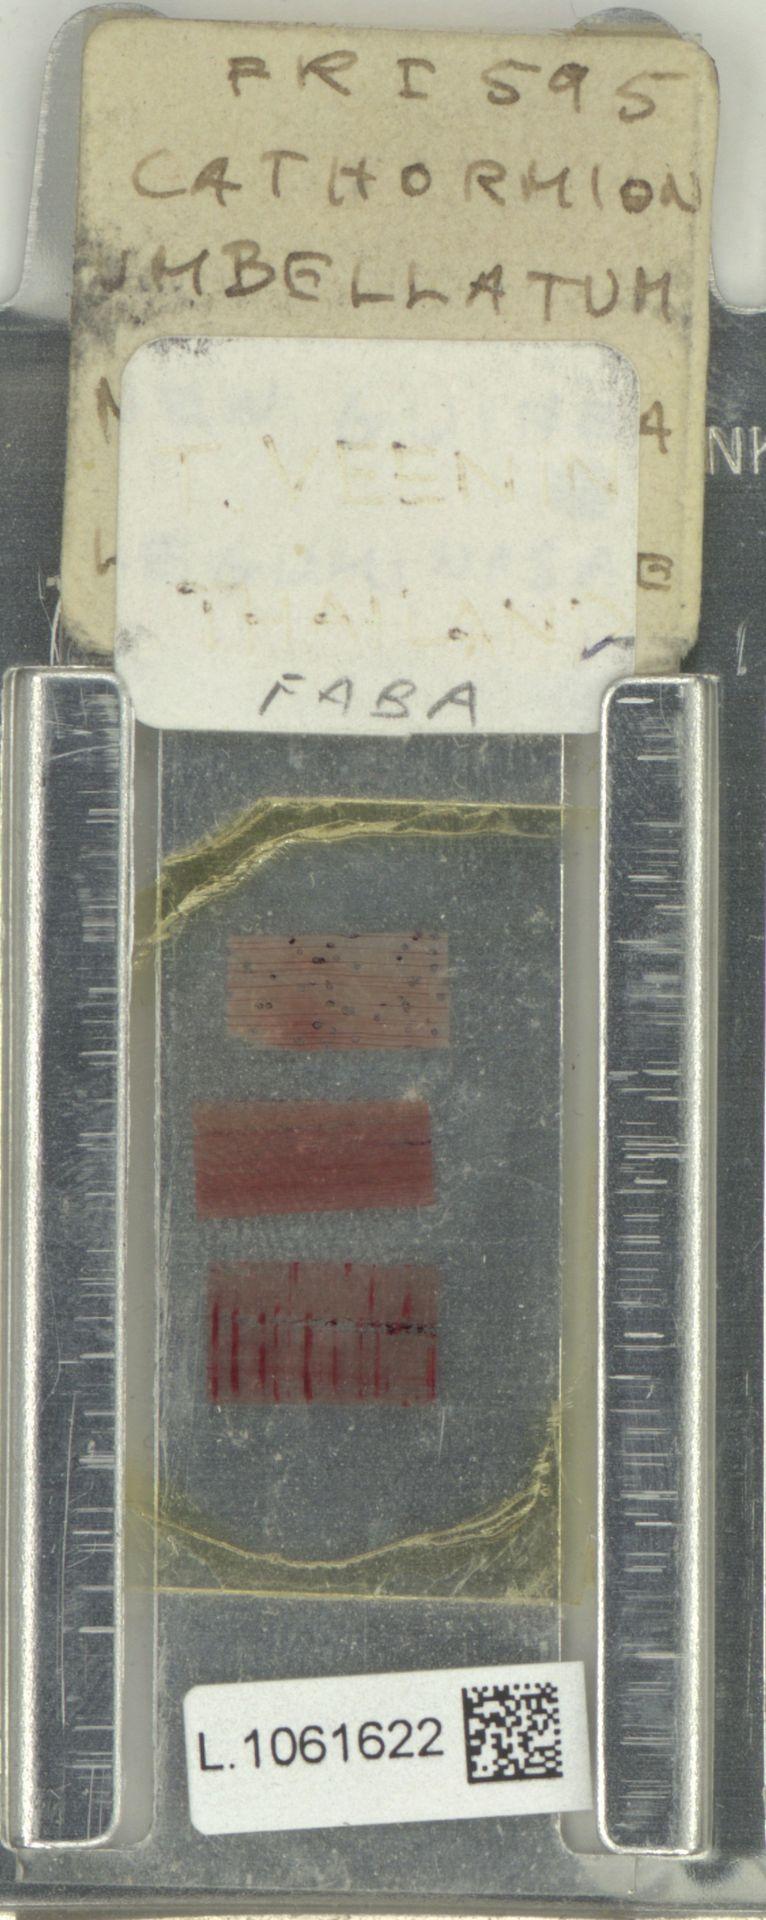 L.1061622 | Cathormion umbellatum (Vahl) Kosterm.